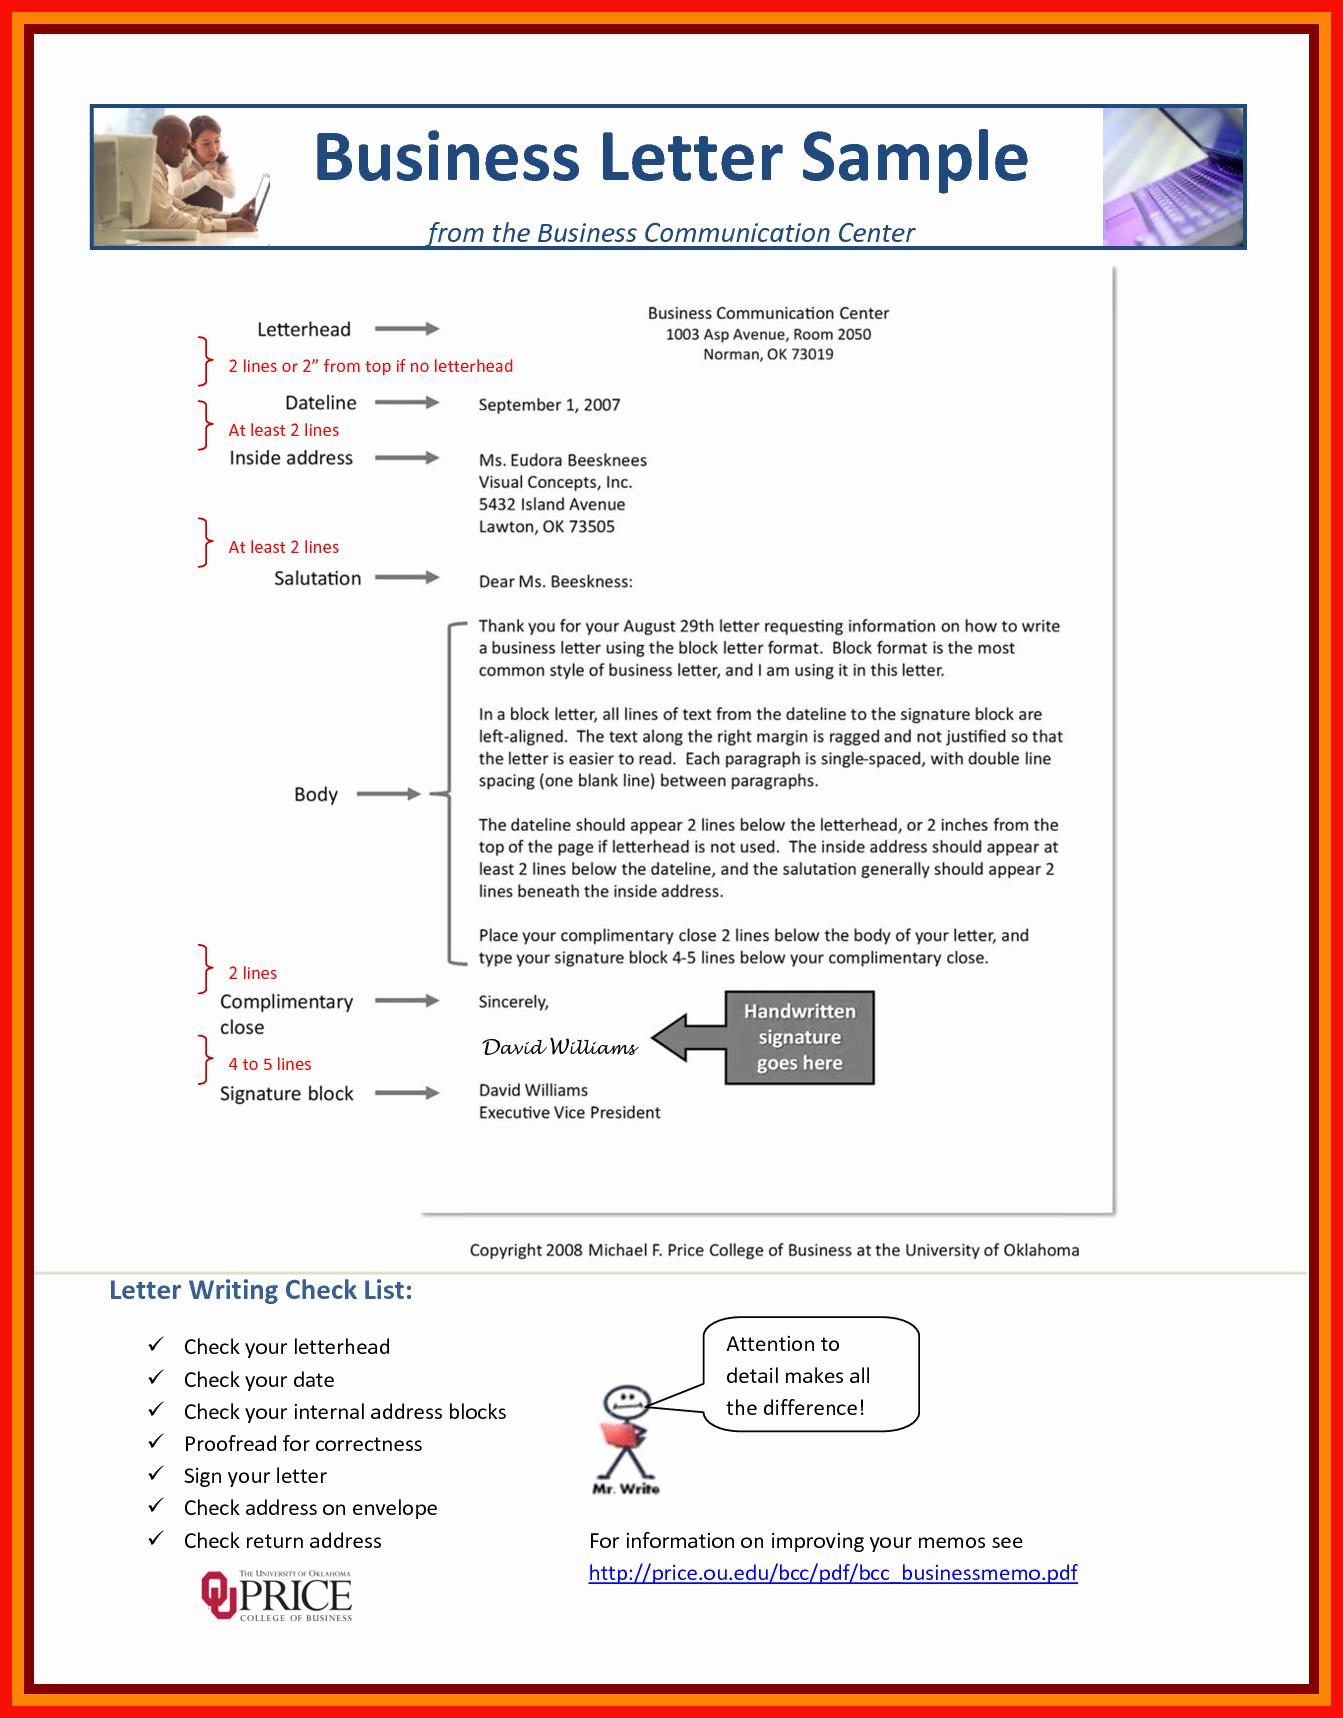 Business Letter Sample Pdf Lovely Sample Business Letter Pdf